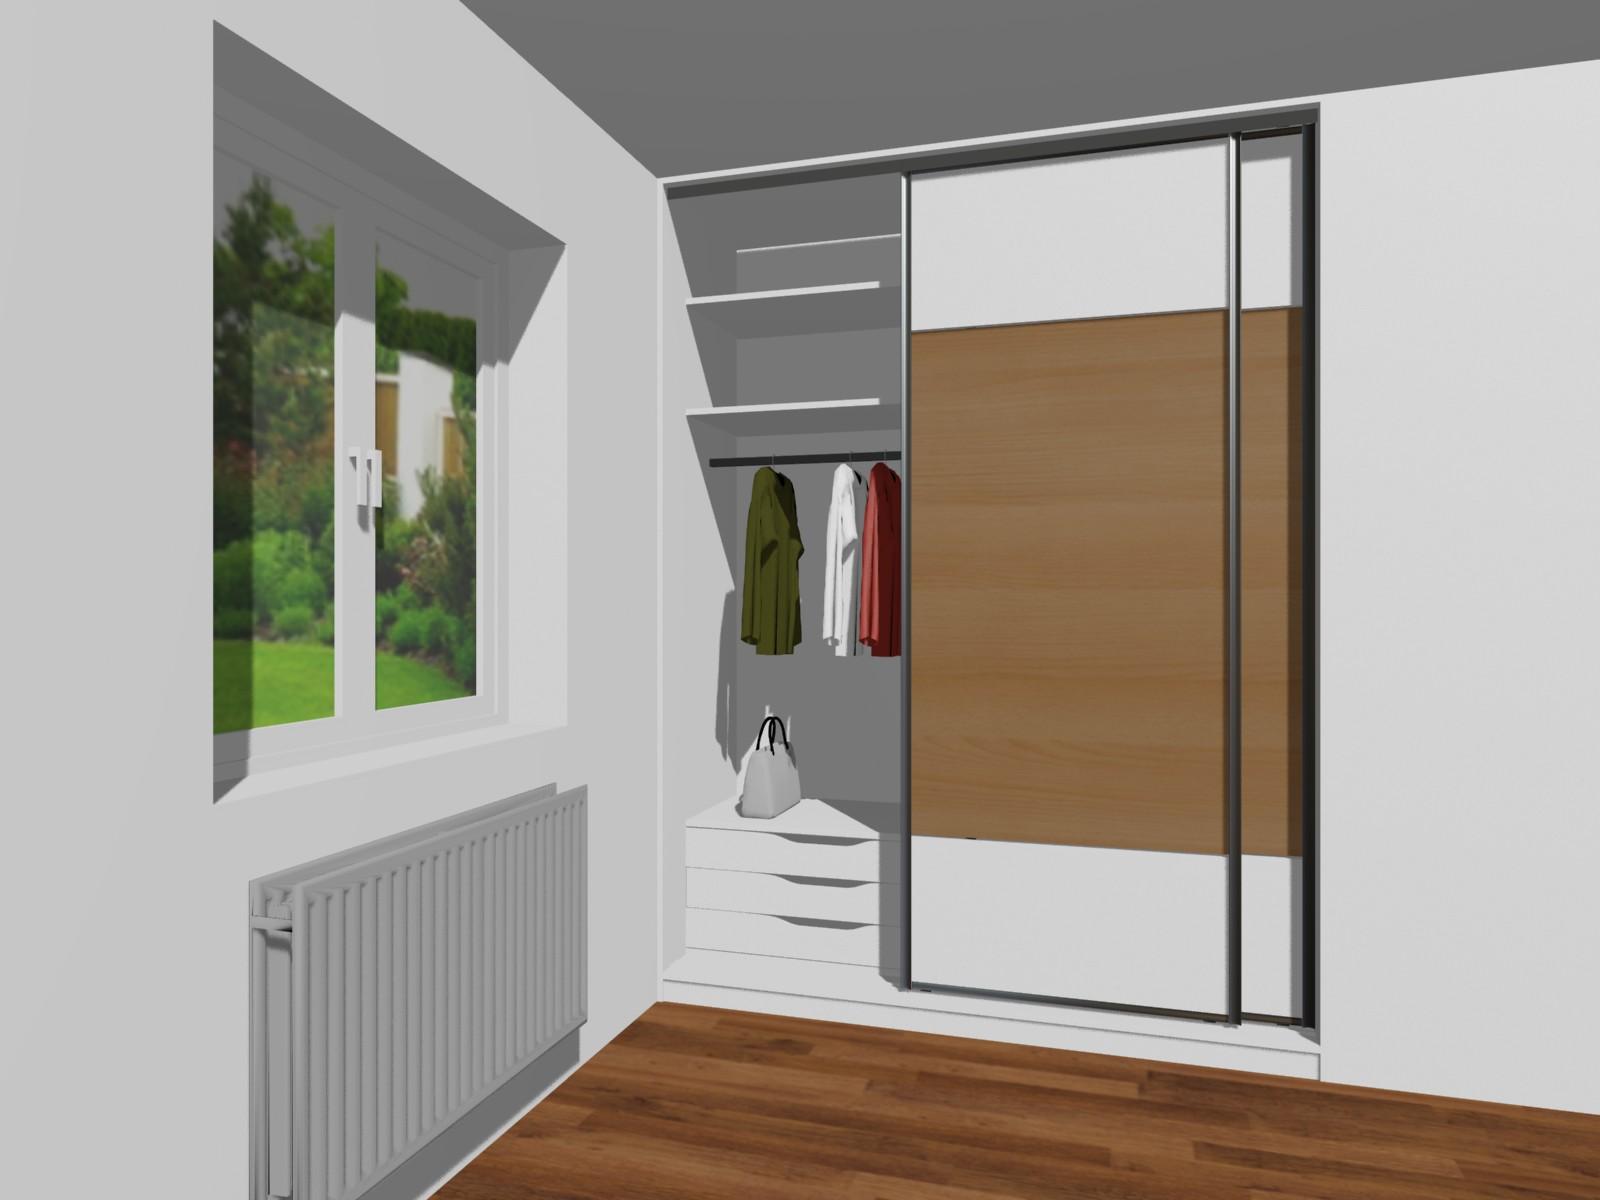 Grafické návrhy pro inspiraci 4 - Obrázek č. 181